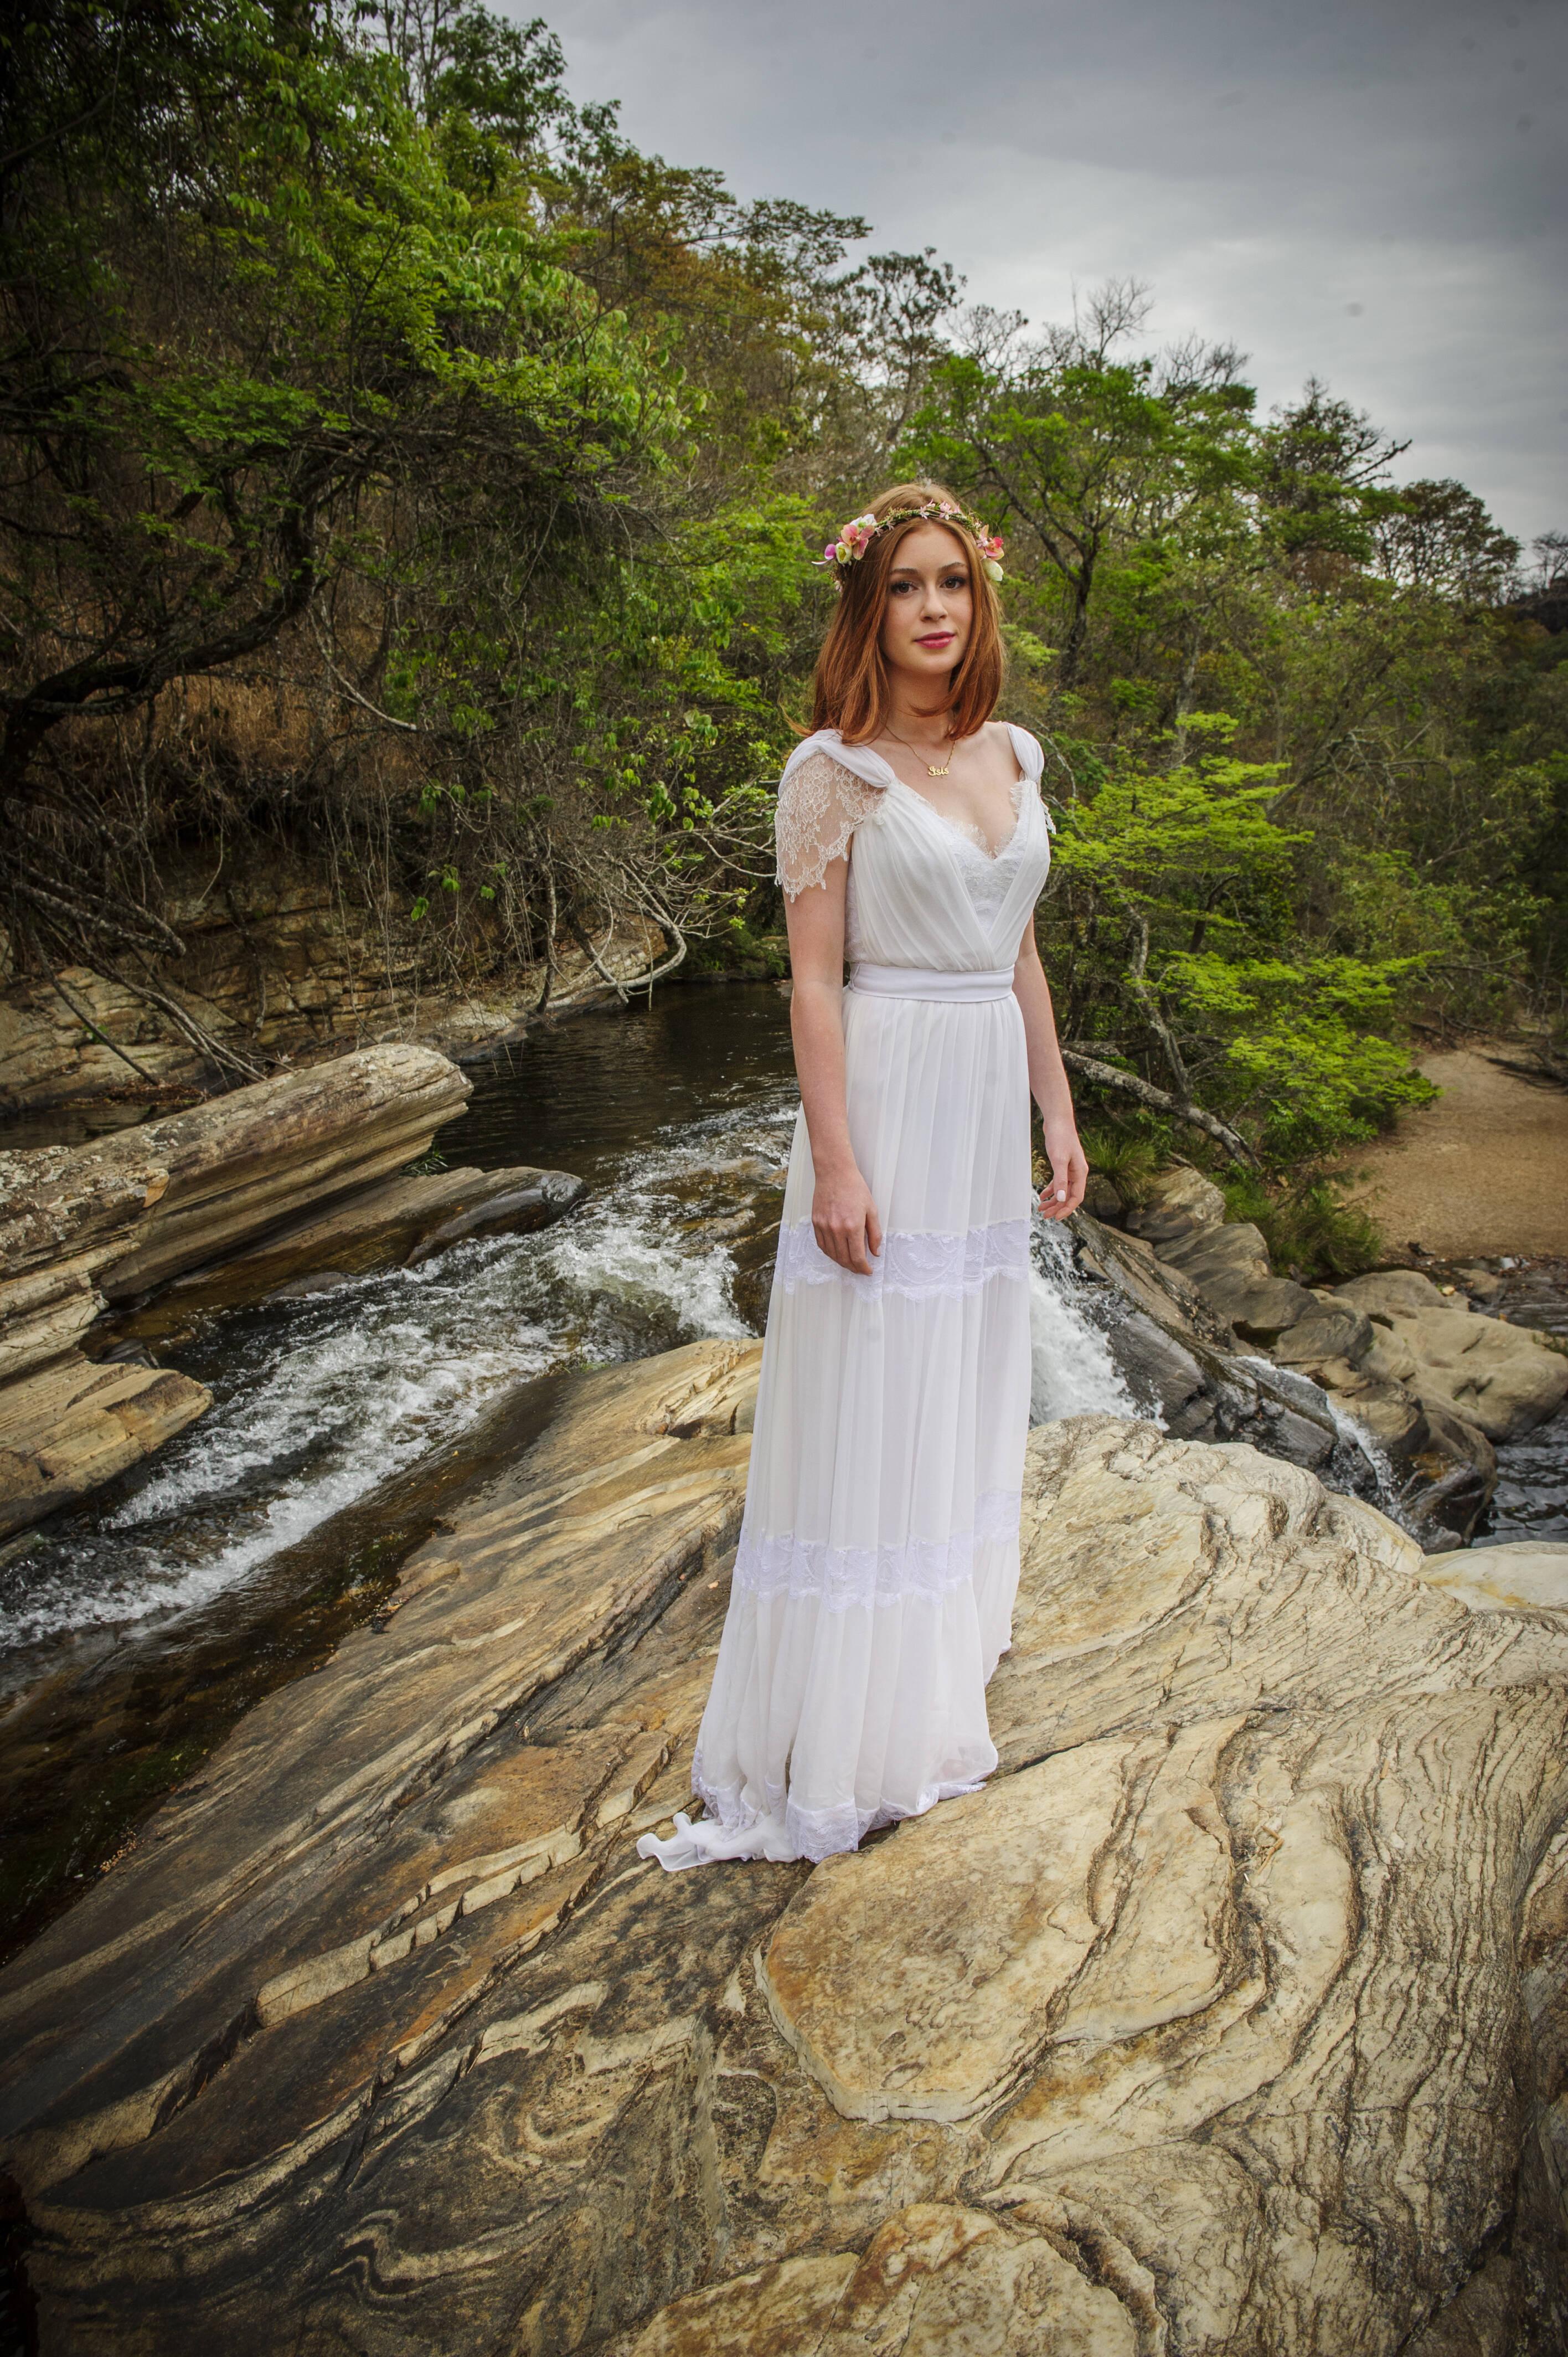 Maria Ísis (Marina Ruy Barbosa) escolhe vestido de noiva para casar com Comendador (Alexandre Nero). Foto: Divulgação/TV Globo